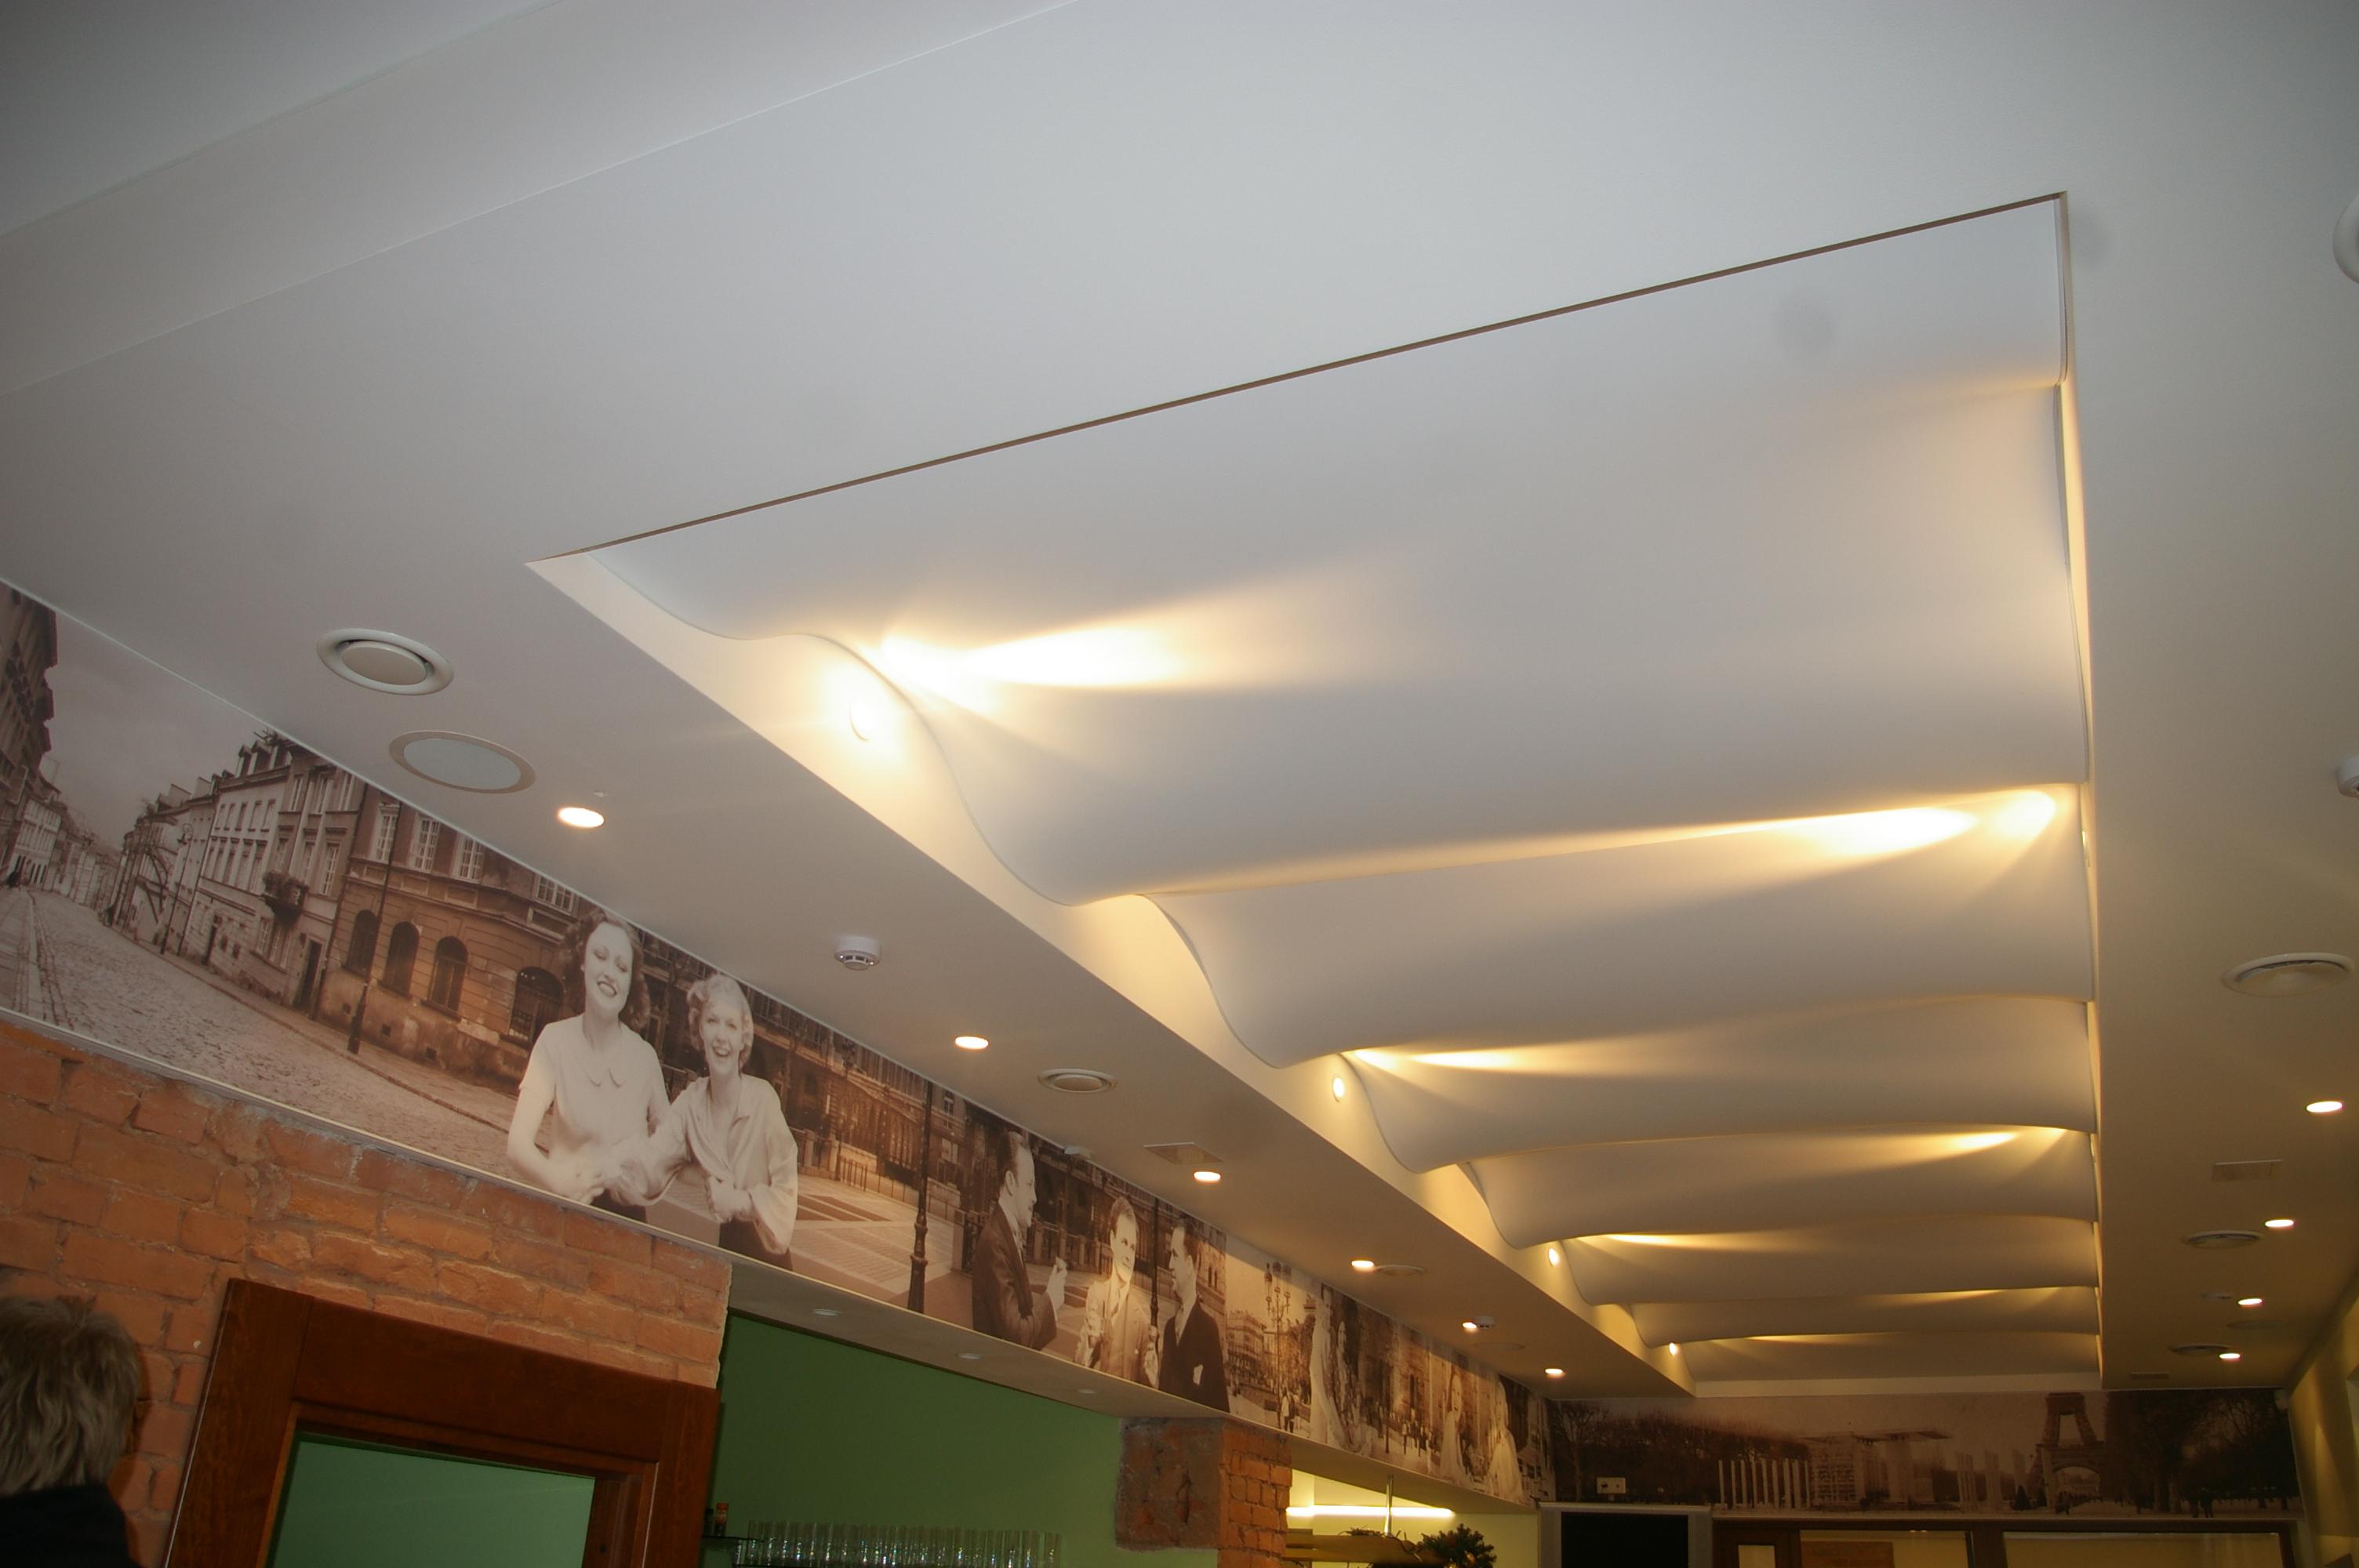 Lygioji lubų dalis per patalpos perimetrą, kurioje sumontuotas 705S CLIPSO audinys, paslėpti rekuperacijos vamzdžiai ir sumontuotas pagrindinis patalpos apšvietimas. Saugant aukštį ir pagyvinant patalpą per vidurį CLIPSO audinys sumontuotos kaip žaismingos bangelės, jomisslystanti šviesa šį įspūdį dar labiau sustiprina. Sienos dekorui panaudotas audinys su spauda pridnegia metalines sijas ir papuošią patalpą.